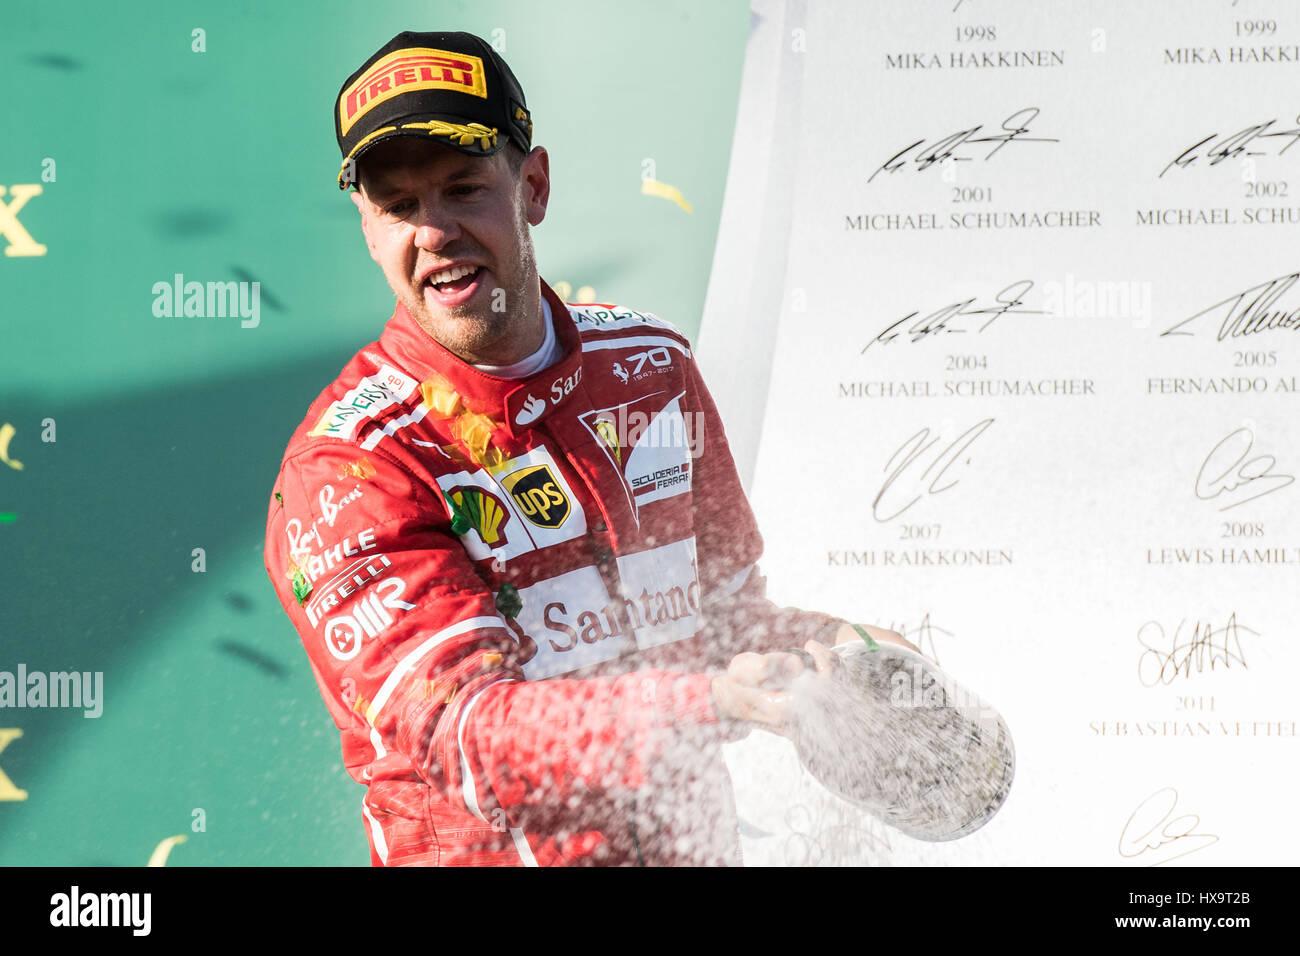 Melbourne, Australie. Mar 26, 2017. La Scuderia Ferrari est l'allemand Sebastian Vettel, pilote célèbre Photo Stock